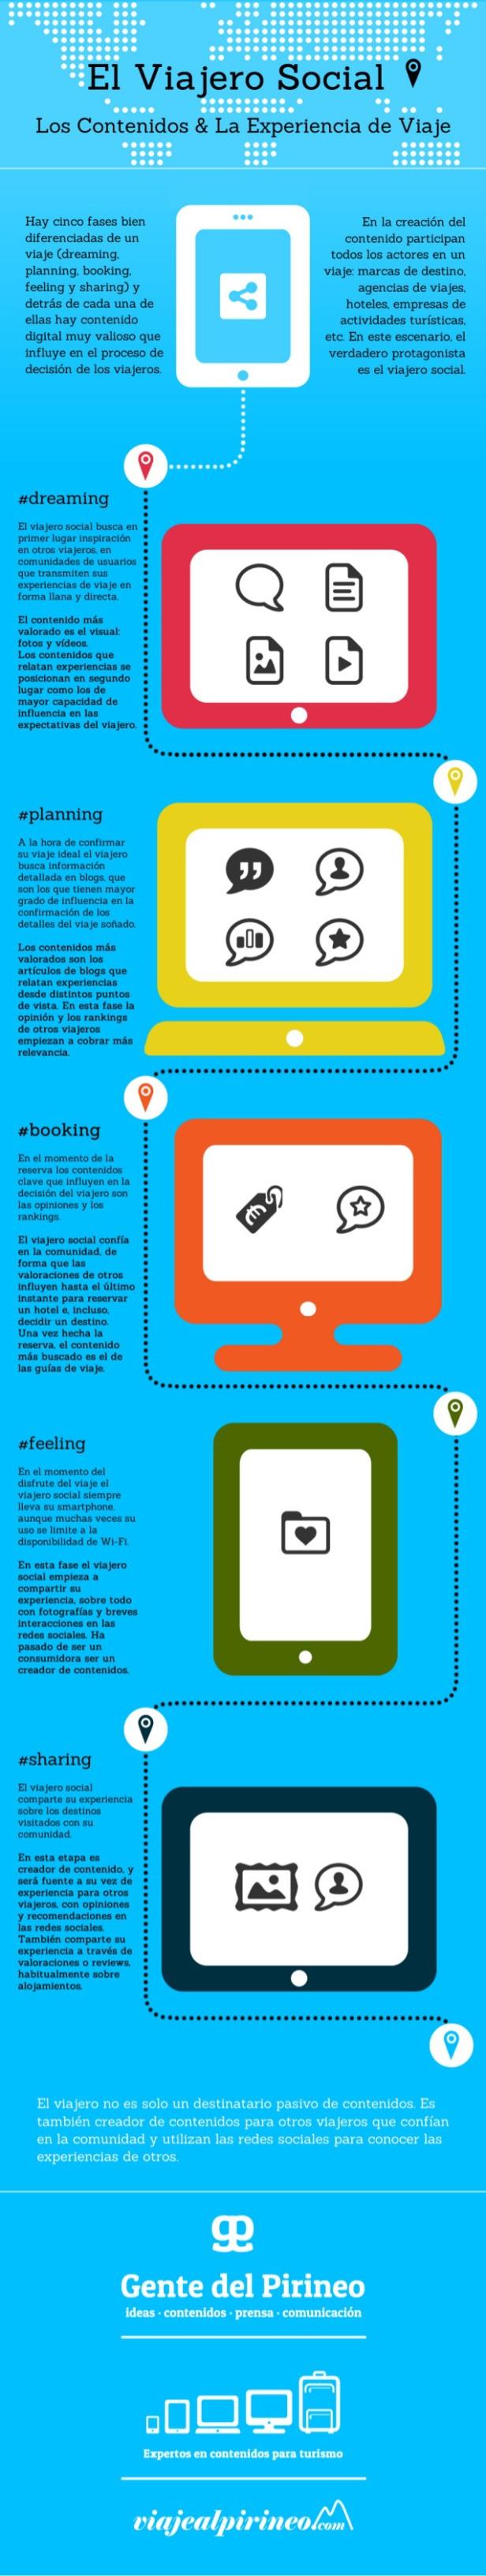 infografia_el_viajero_social